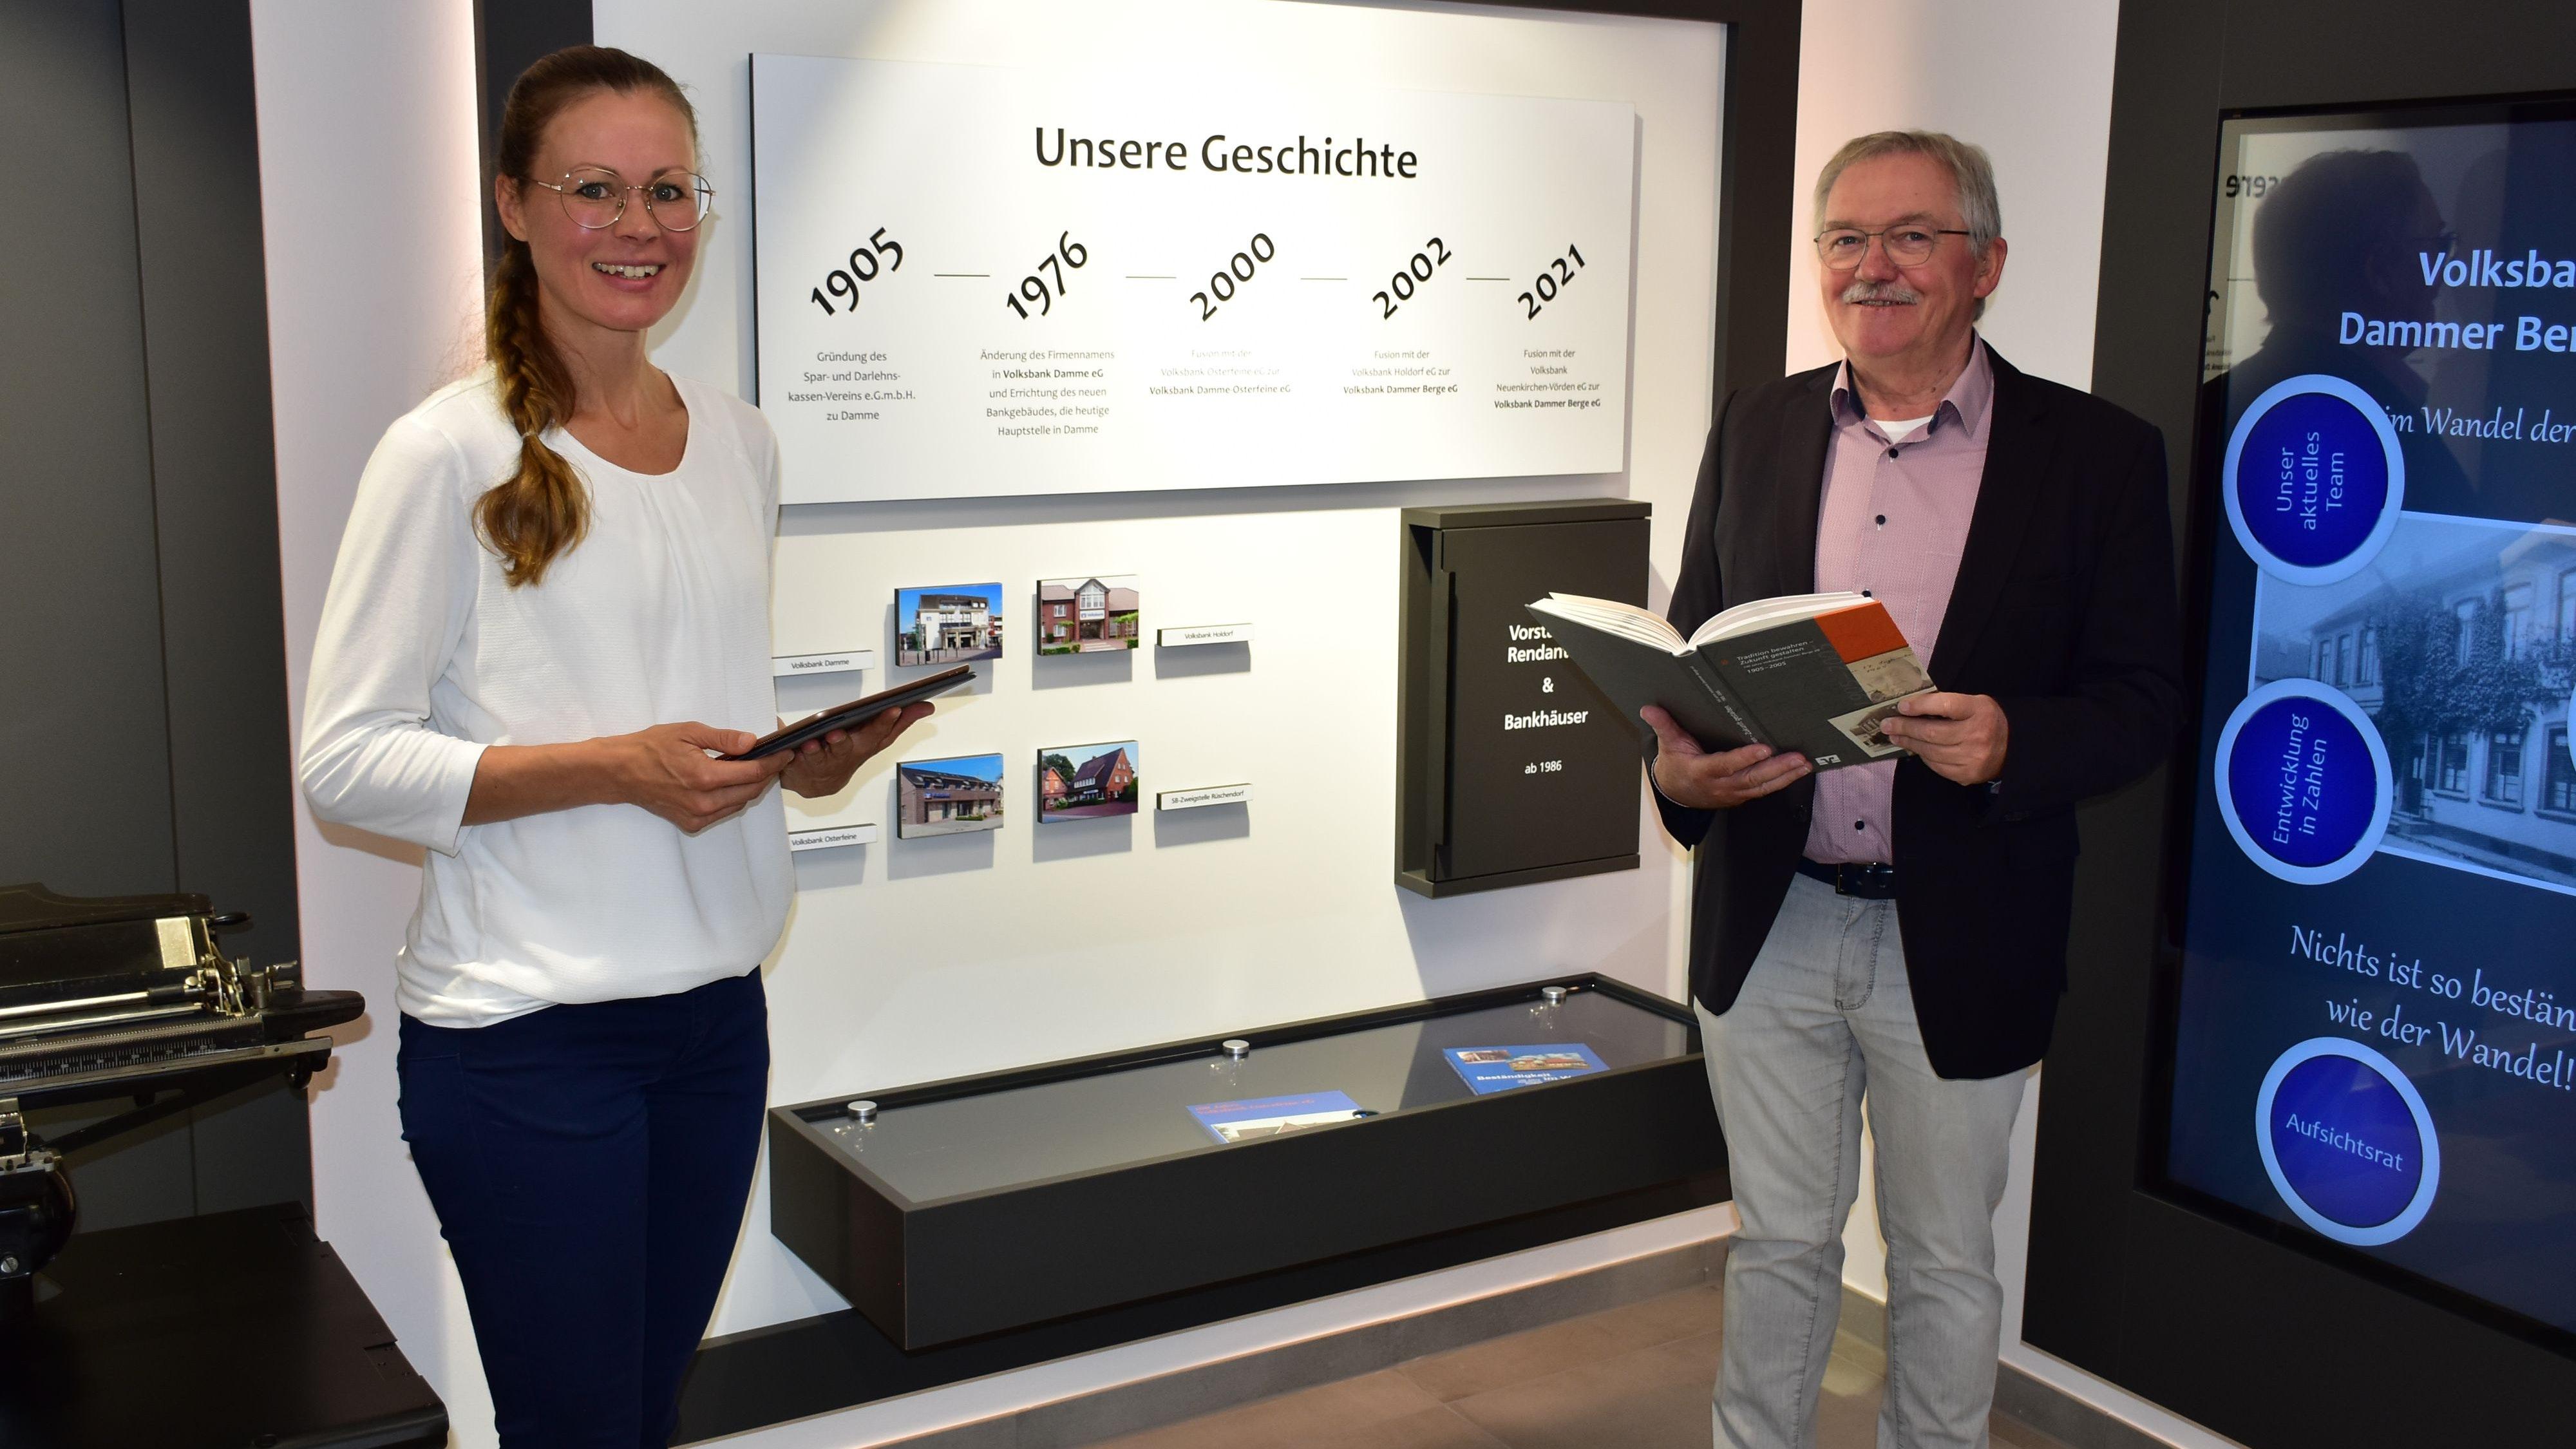 Viele Informationen rund ums Geld: Marion Brand und Heiko Bertelt finden die Ausstellung sehr gelungen. Foto: Lammert